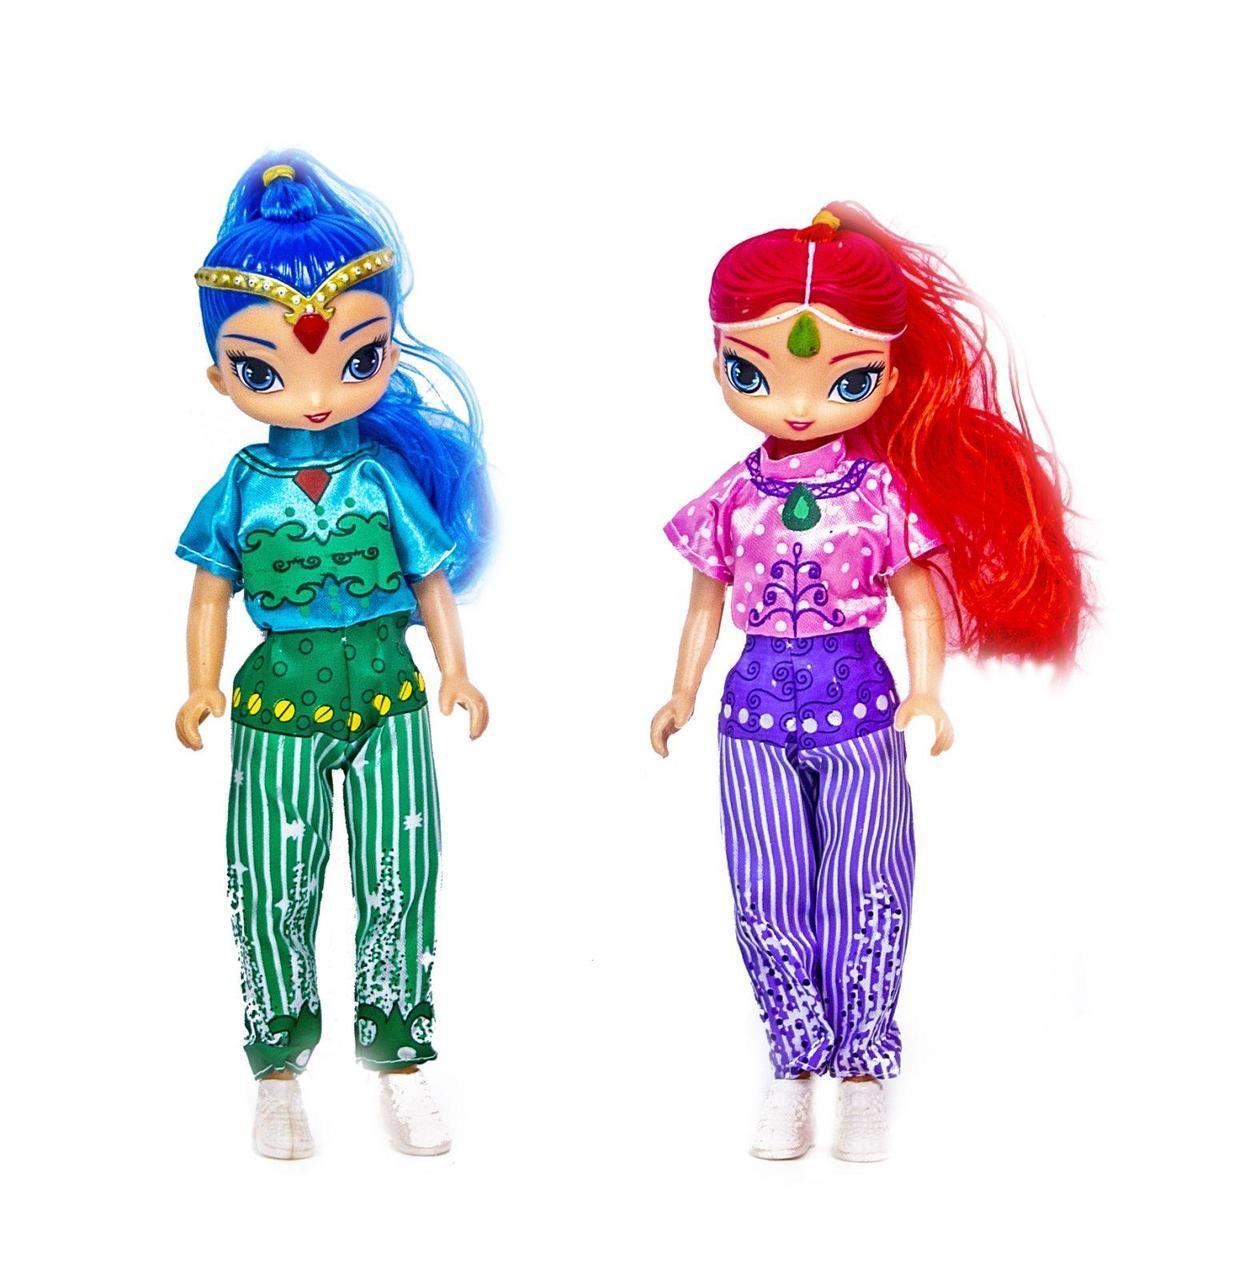 Лялька набір типу Барбі Шиммер і Шайн 2 шт в коробці 2210A